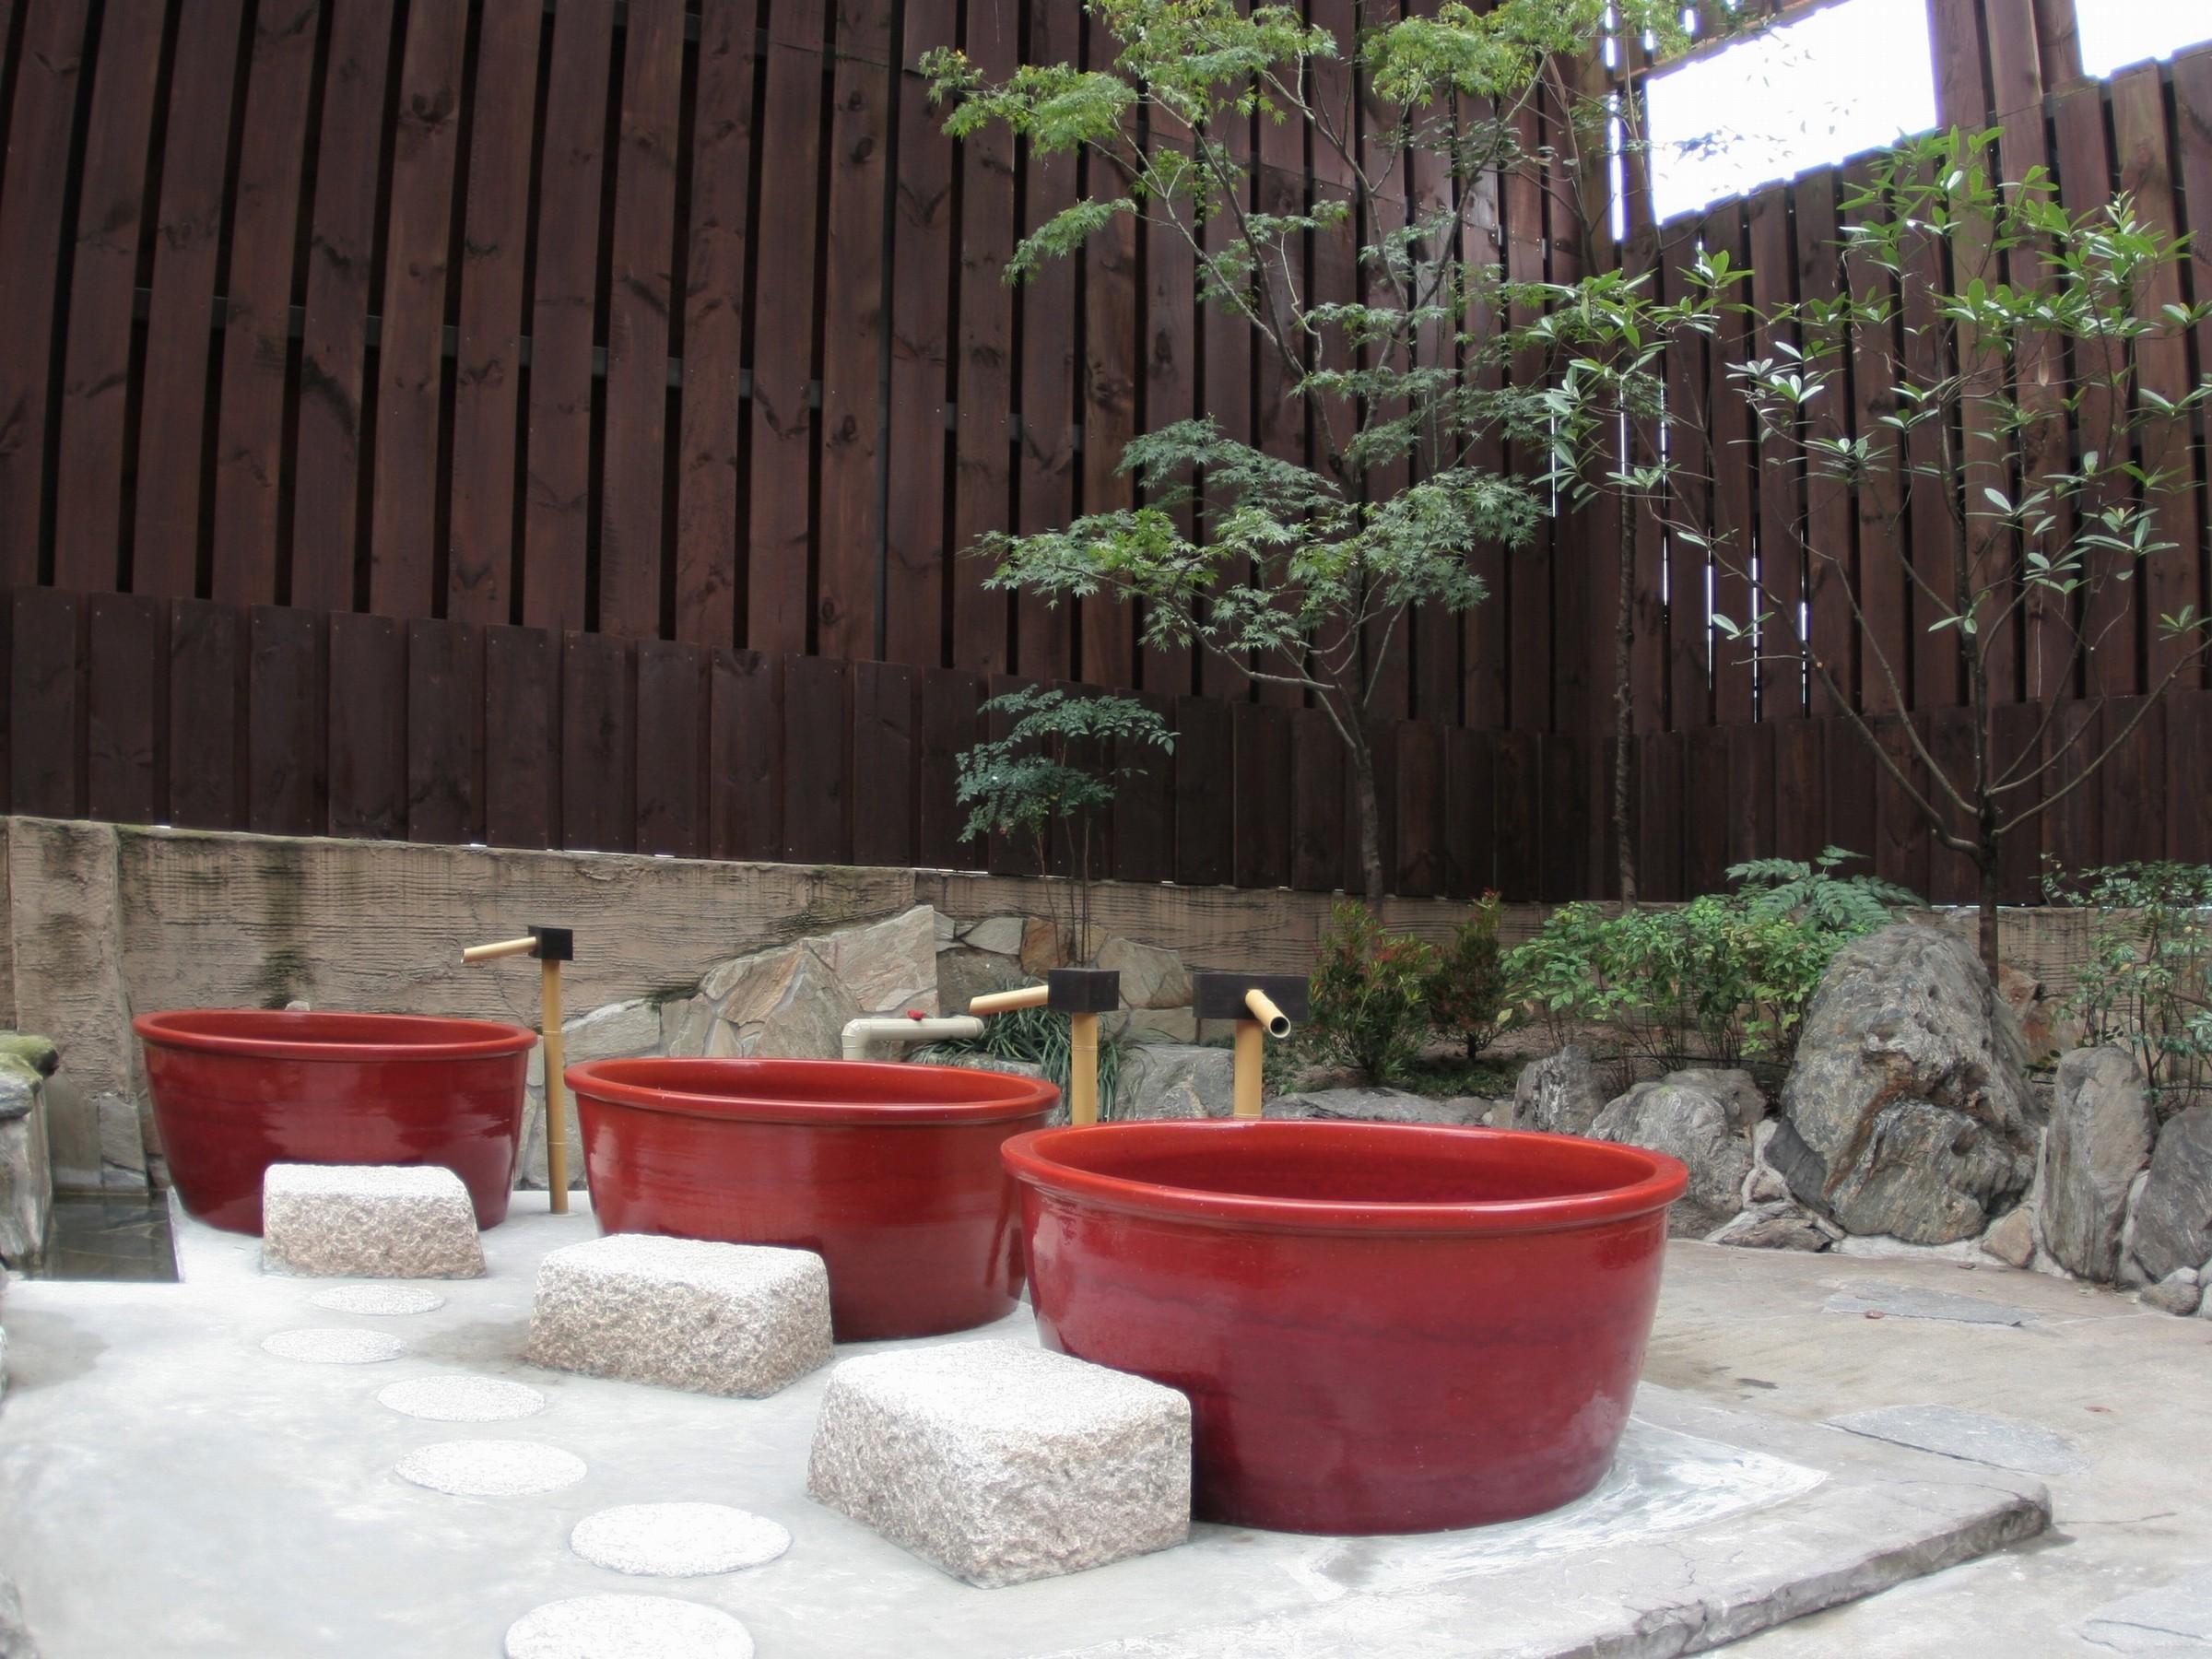 ホテル博多プレイス / 【波葉の湯入浴券&ビール付】■ホテルから徒歩5分の天然温泉で疲労回復+入浴後のお楽しみ。